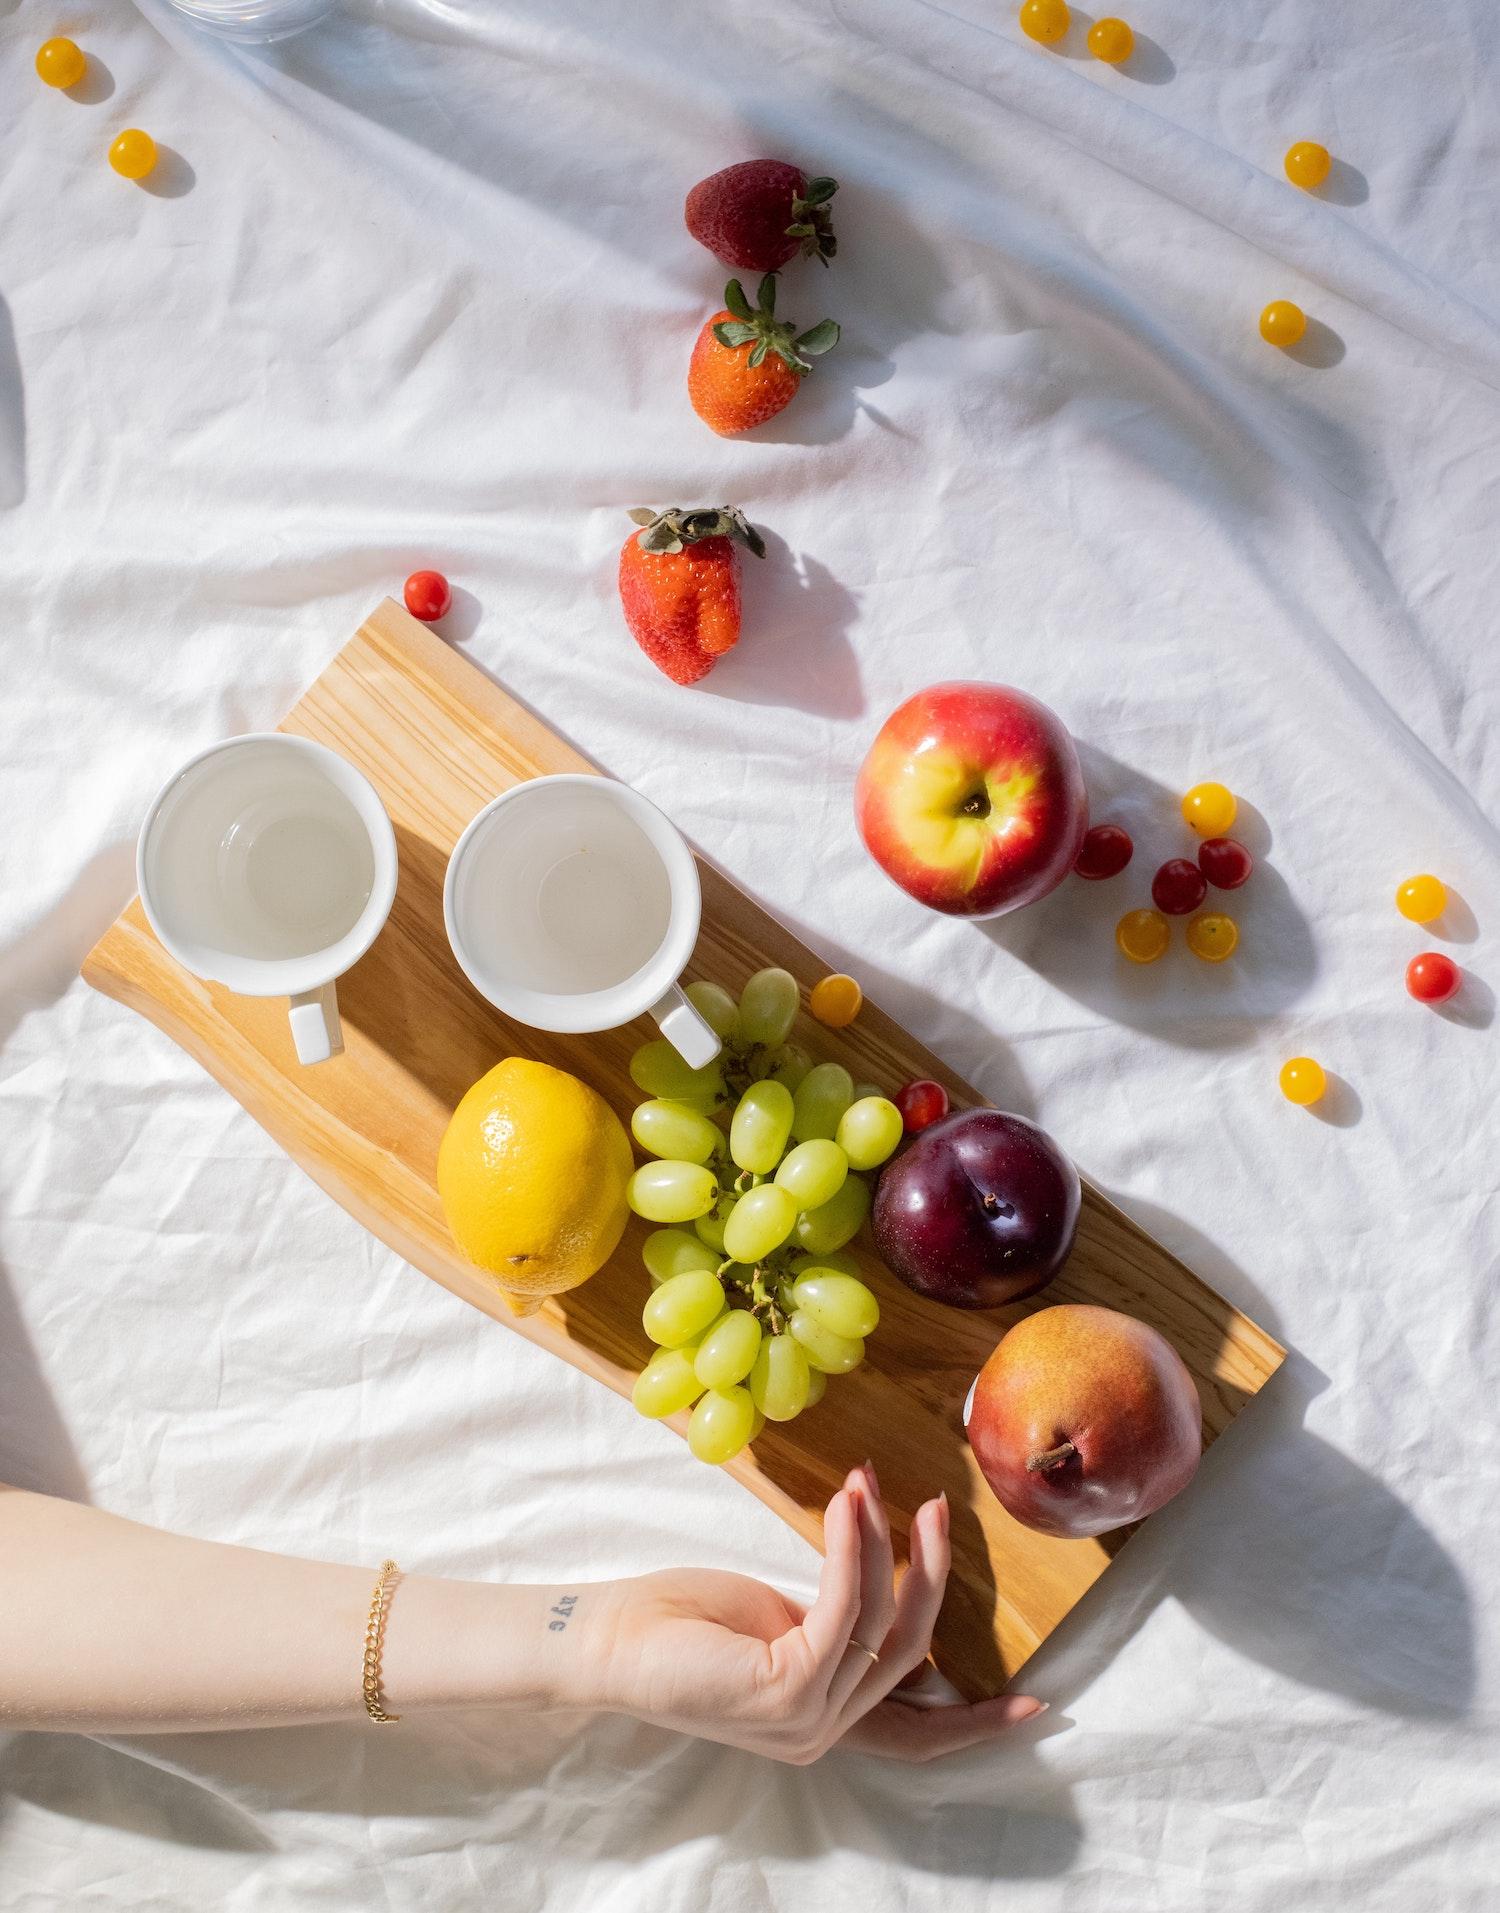 picnic food ideas (Credit: Pexels)